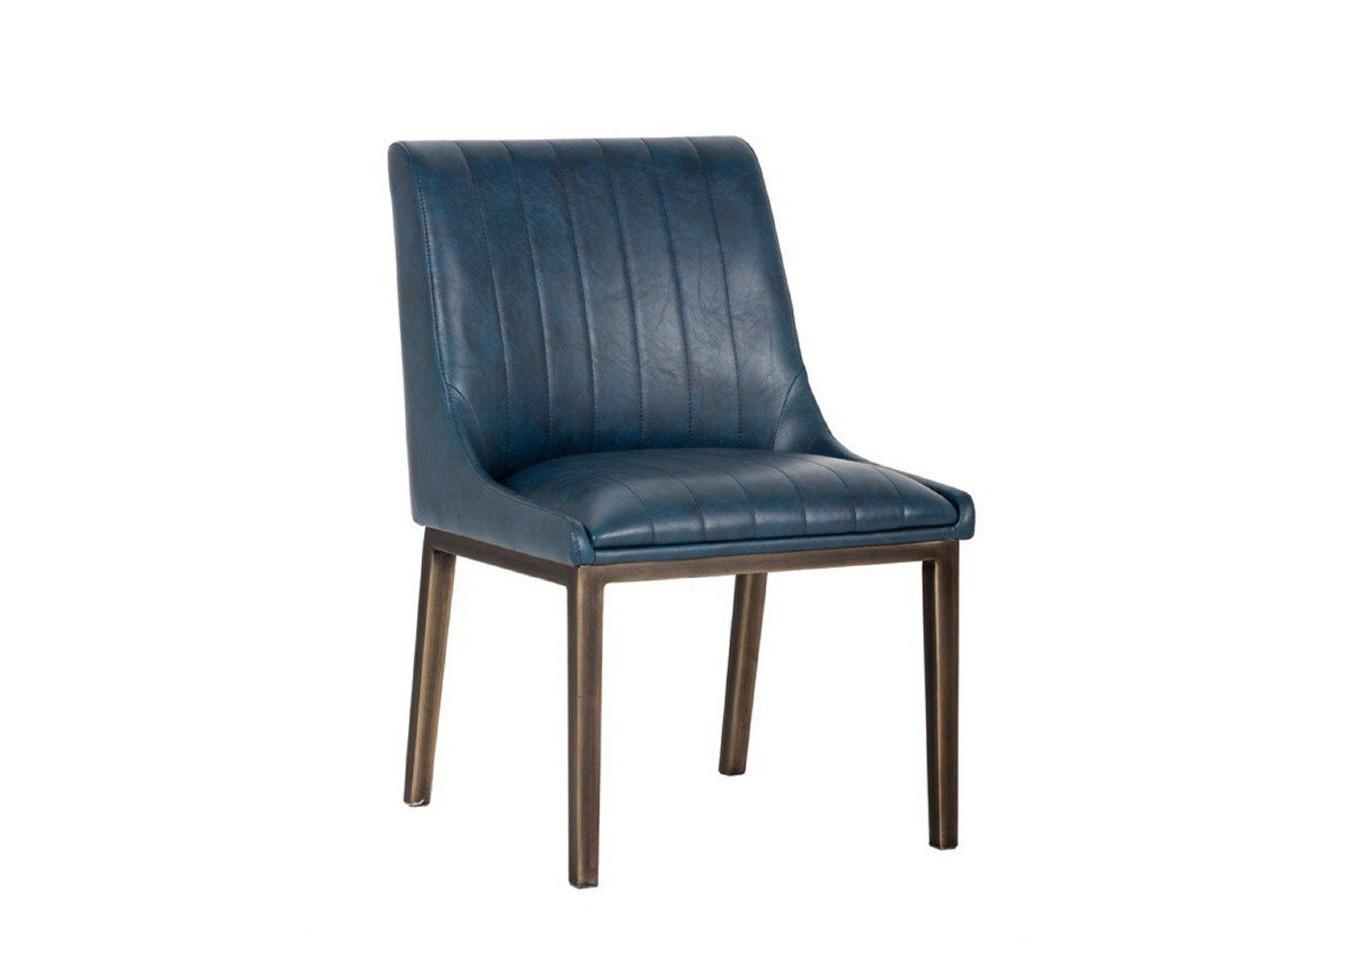 Стул BostonОбеденные стулья<br>Модель представлена в коже высочайшего качества. Для этого стула мы также можем подобрать кожу на Ваш вкус из других коллекций.&amp;amp;nbsp;&amp;lt;div&amp;gt;&amp;lt;br&amp;gt;&amp;lt;div&amp;gt;Каркас и ножки стула выполнены из дуба.&amp;lt;/div&amp;gt;&amp;lt;/div&amp;gt;<br><br>Material: Кожа<br>Ширина см: 59<br>Высота см: 89<br>Глубина см: 50